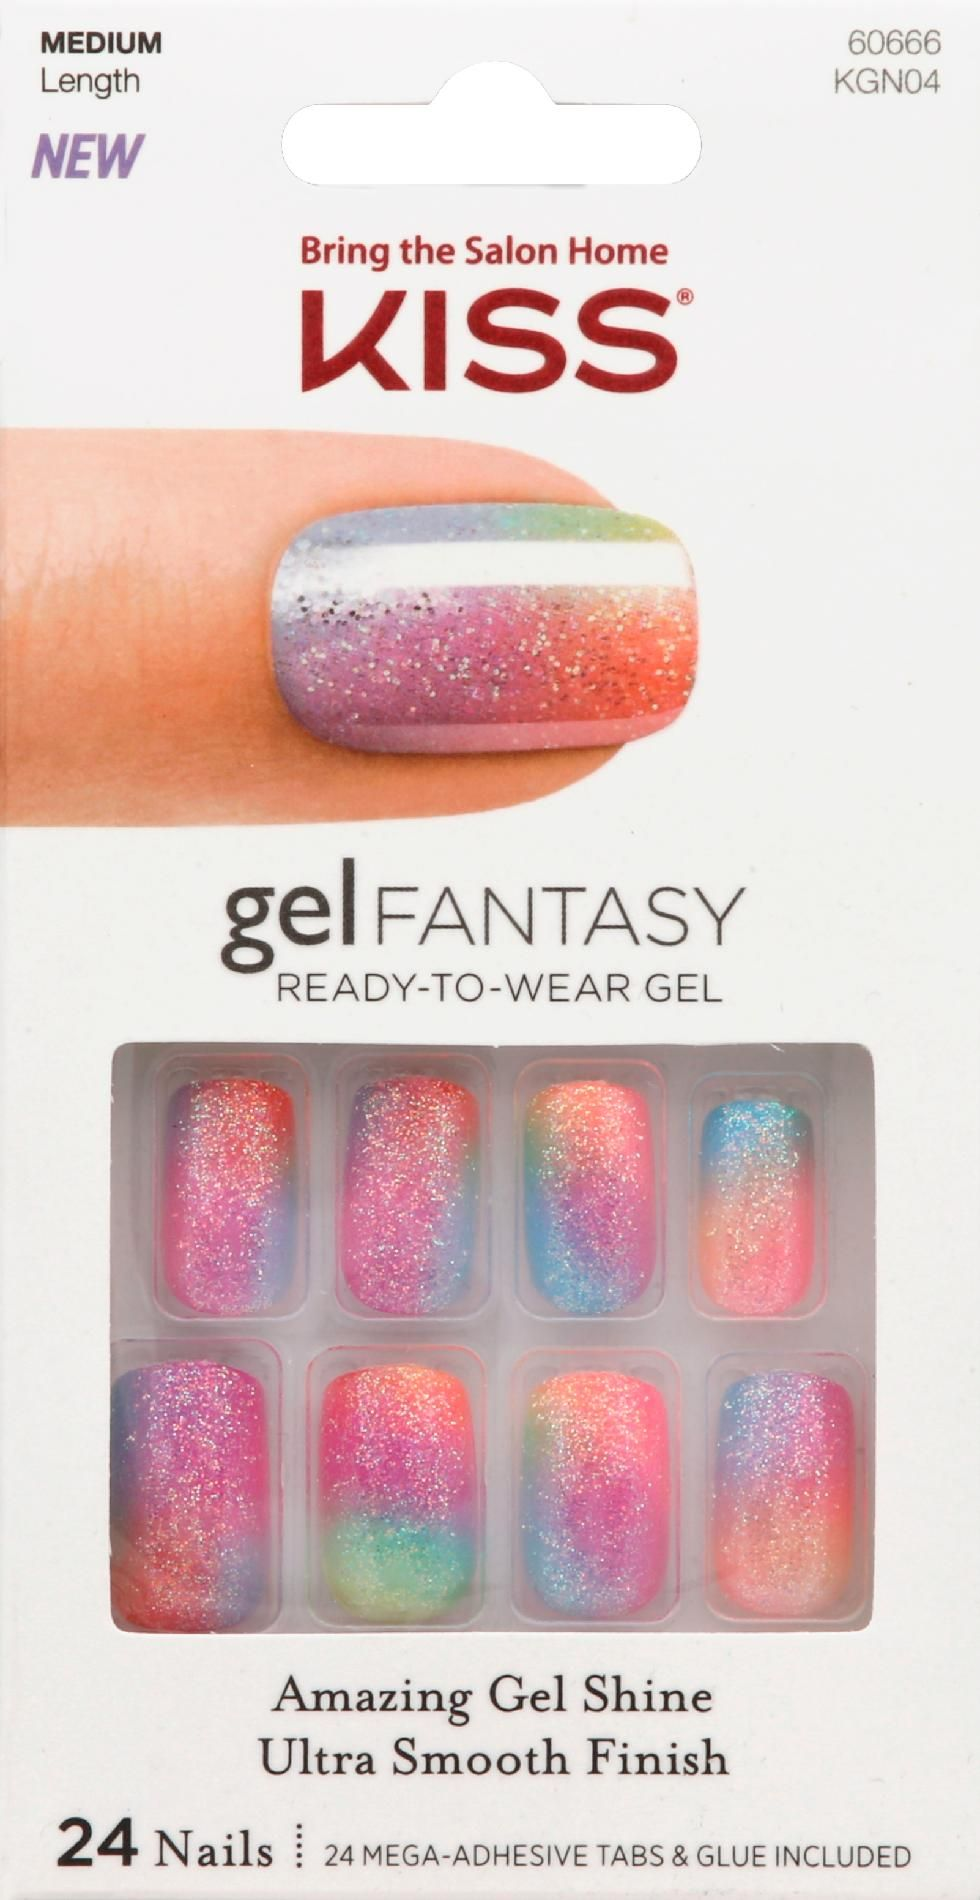 Kiss Gel Fantasy Nails Charmed Life 24 Ct Multi Color Kiss Gel Fantasy Nails Fake Gel Nails Fantasy Nails